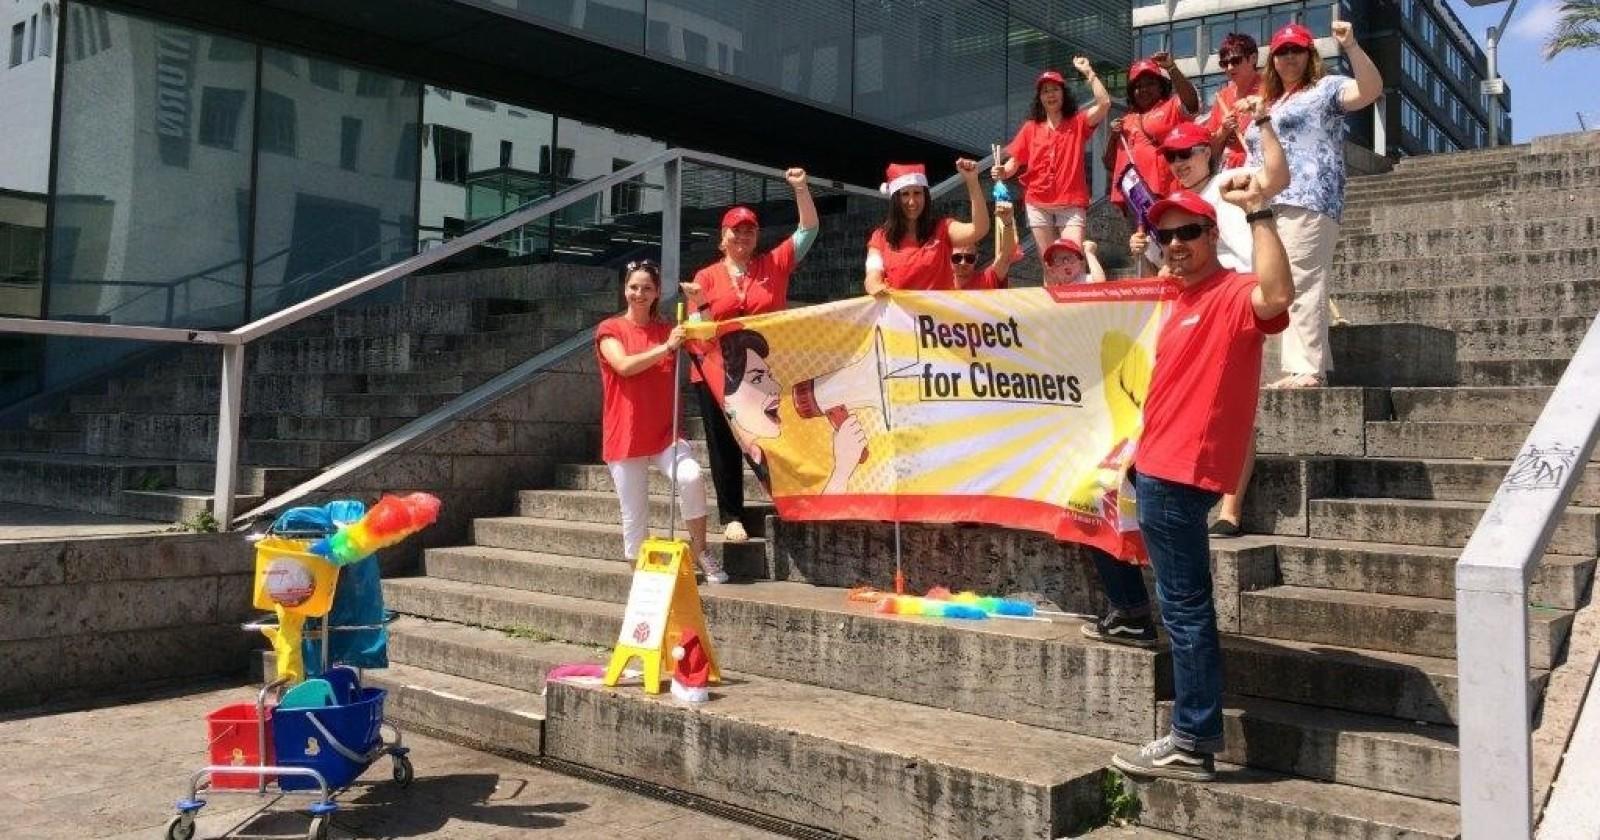 Aktion zum Tag der Gebäudereinigerinnen und -reiniger am 15.06.17 in Stuttgart